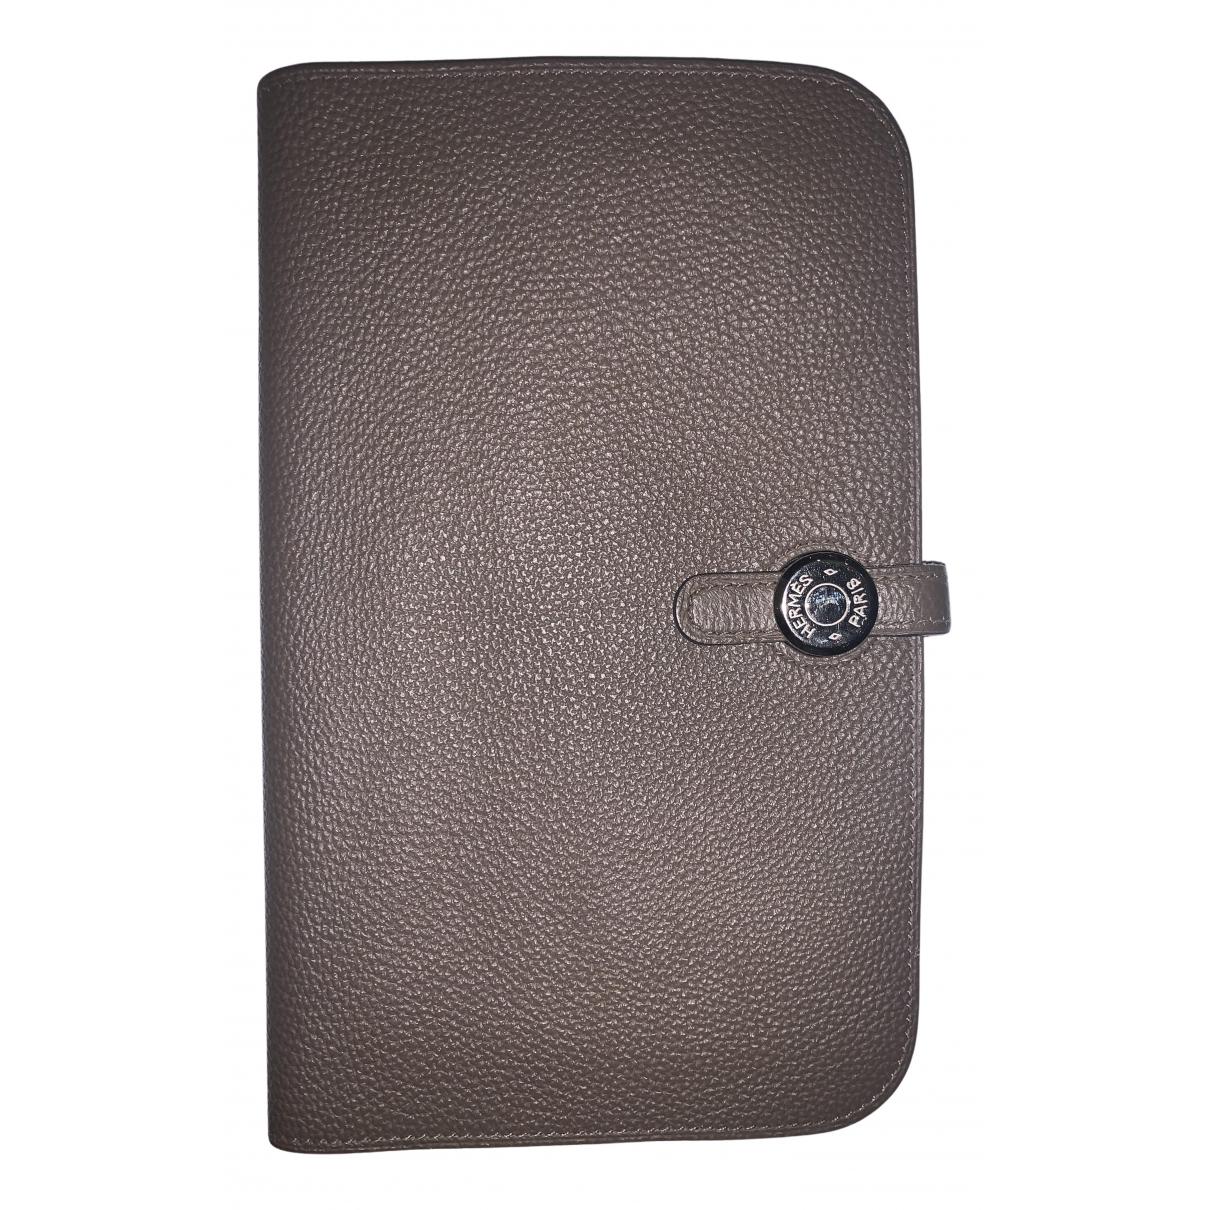 Hermes Dogon Portemonnaie in  Grau Leder